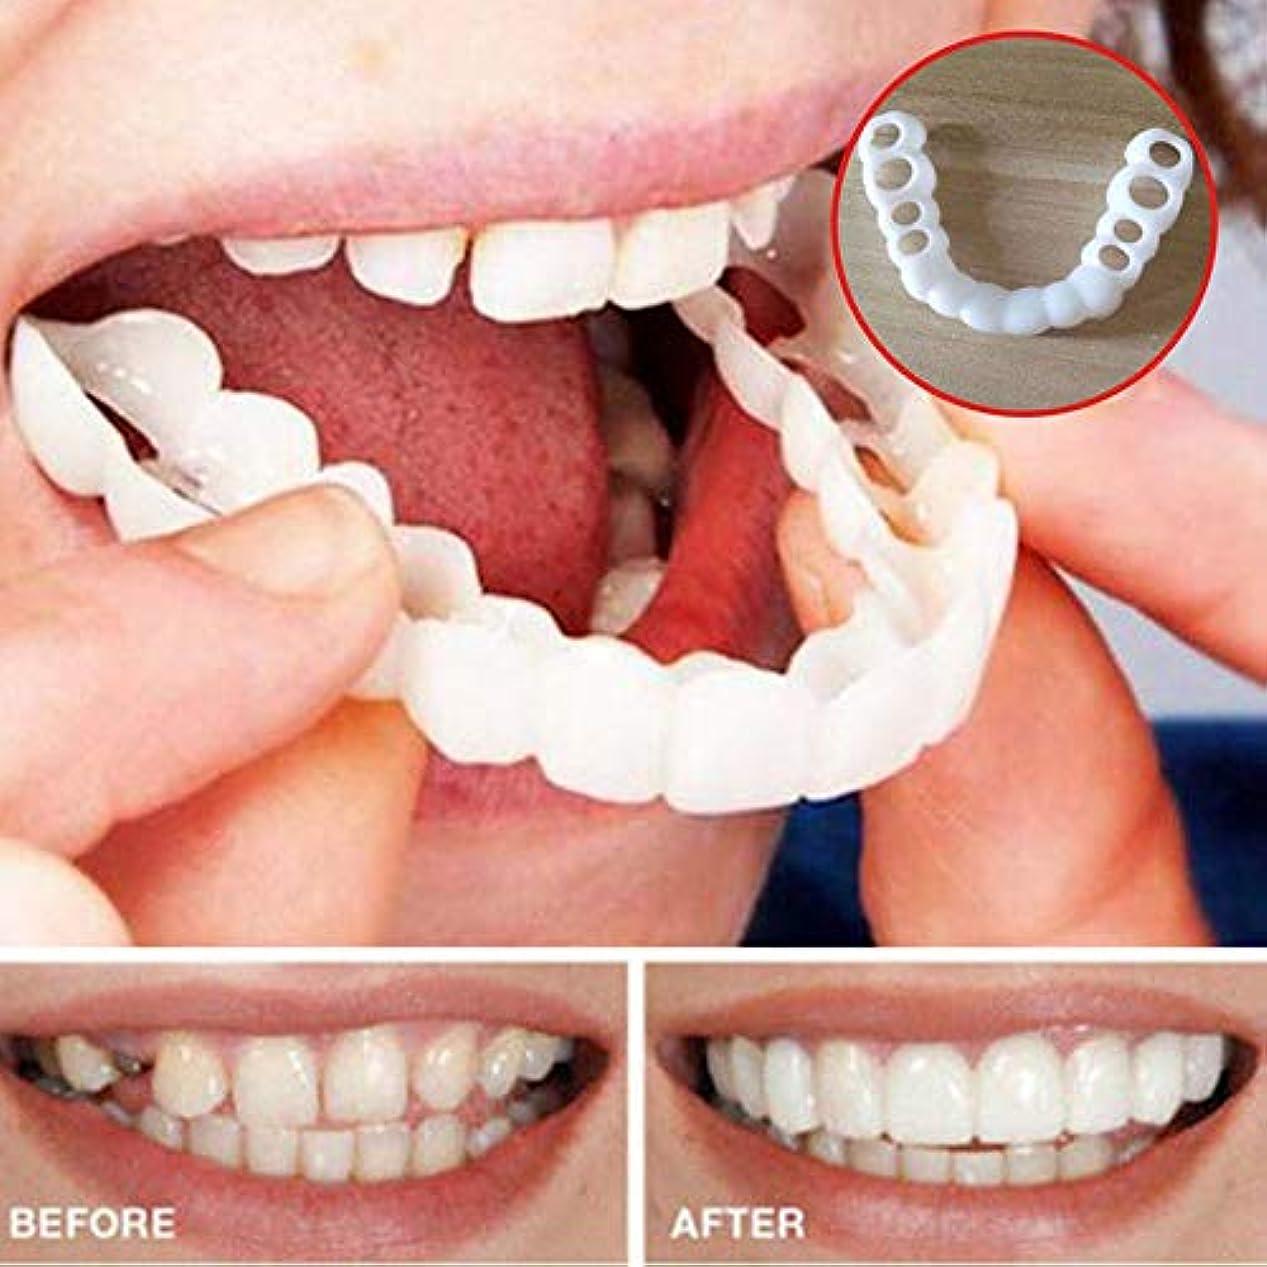 ファンドエレメンタルキャストシリコンシミュレーション歯ホワイトニングブレース(2個),Upper